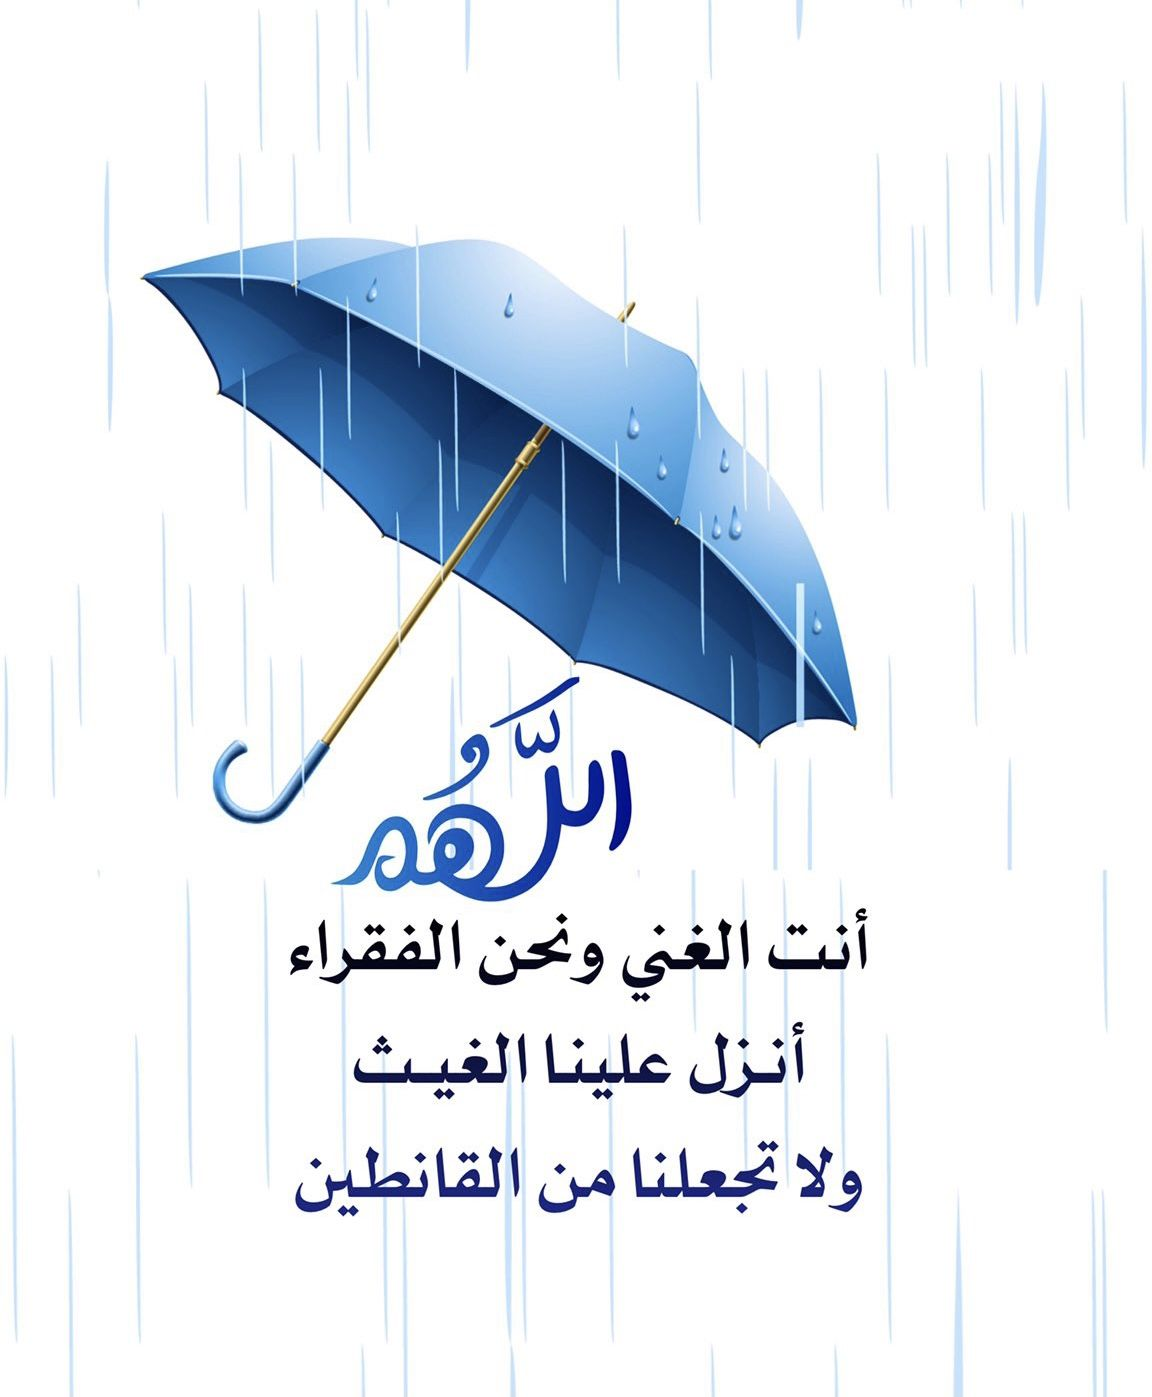 Pin By الأثر الجميل On دعاء Umbrella